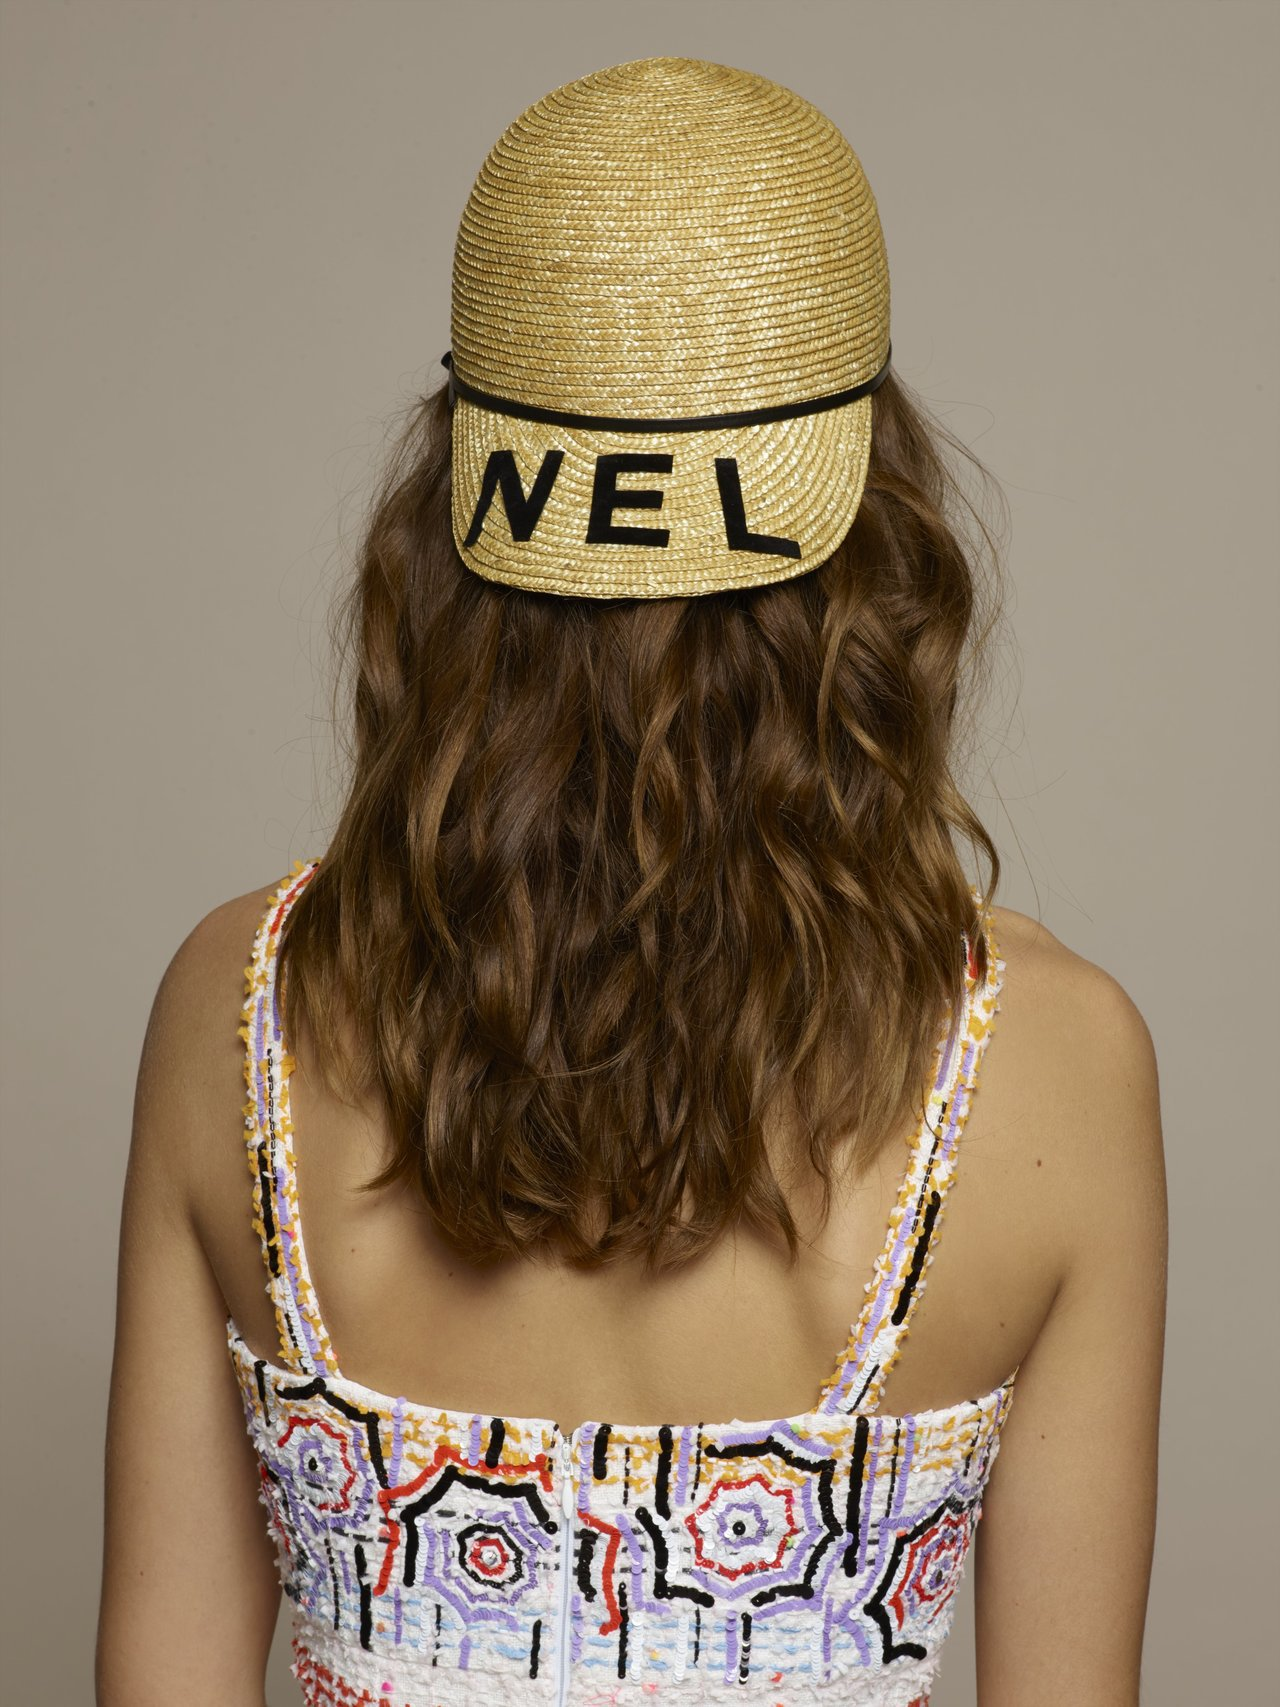 雙帽沿藤編棒球帽44,800元,彩色遮陽傘印花亮片刺繡吊帶洋裝71萬4,800元...